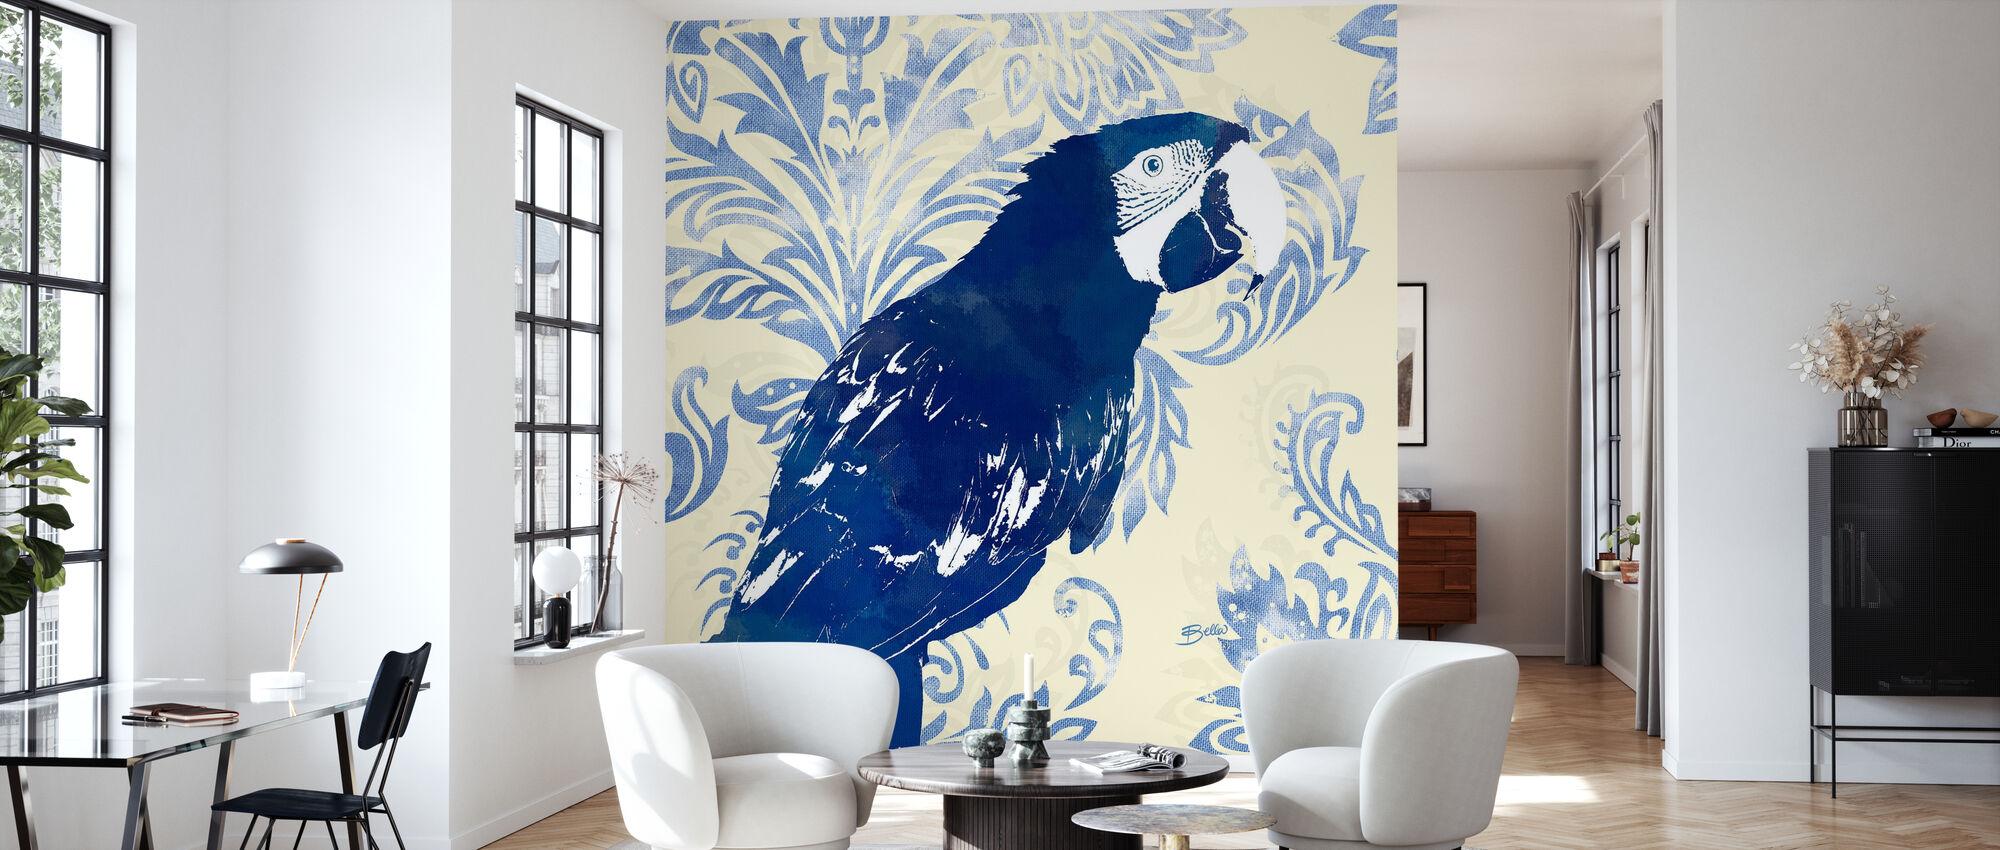 Indigo Parrot 1 - Wallpaper - Living Room